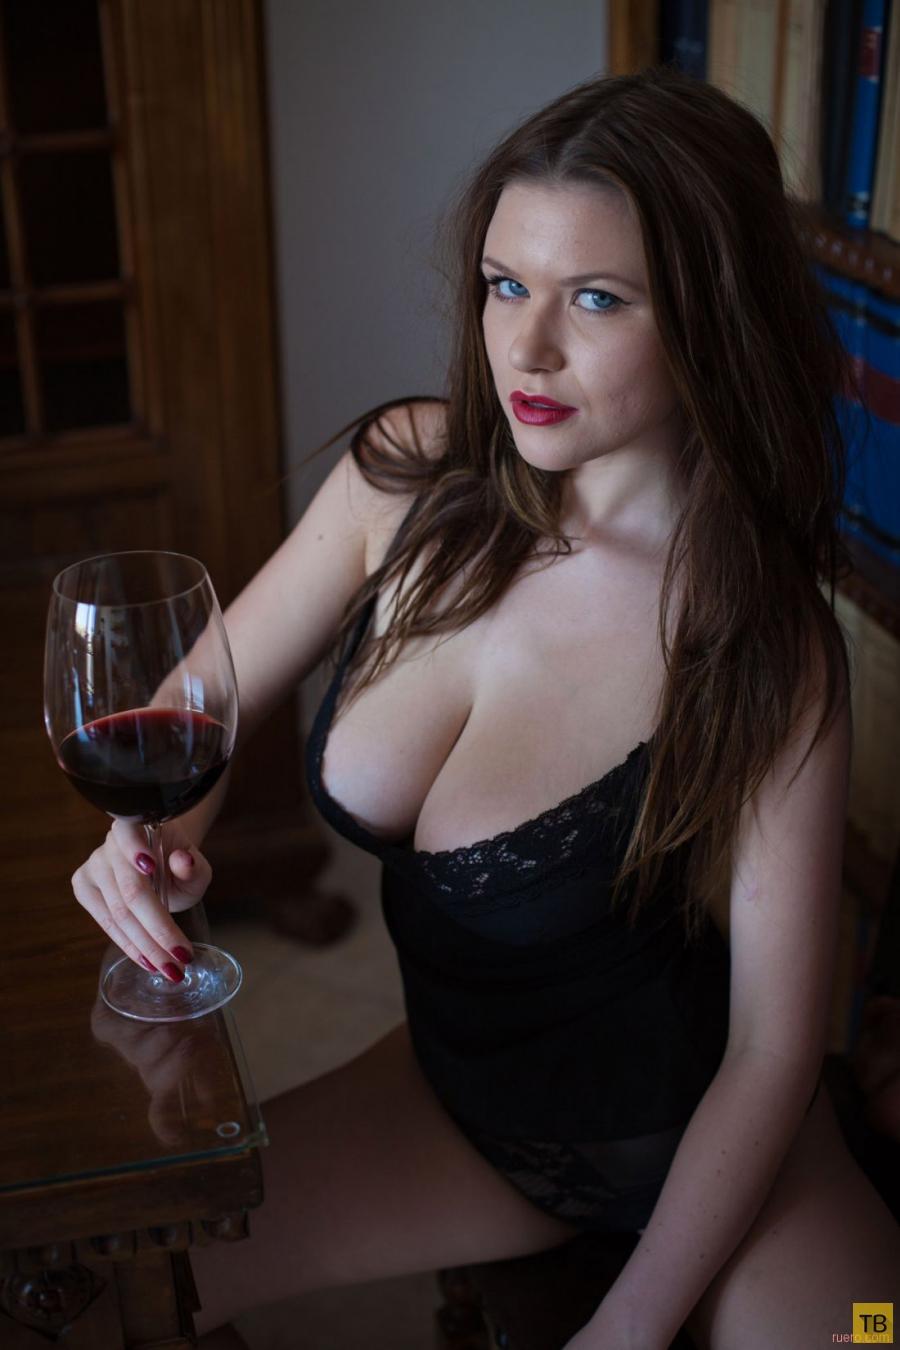 """Красивые и горячие девушки на """"Четверг"""", часть 14 (105 фото)"""